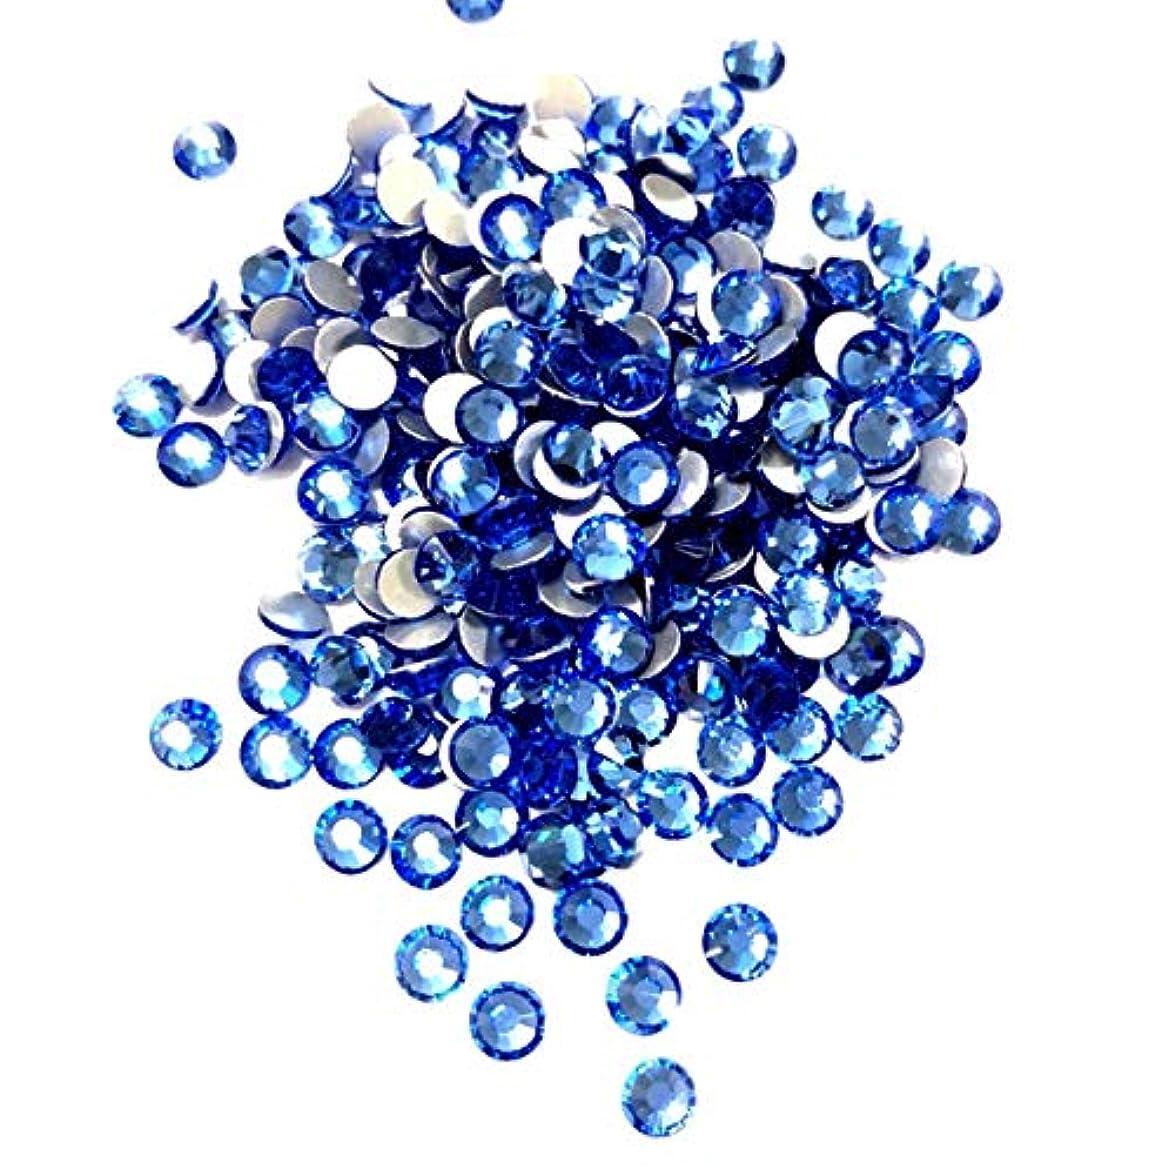 姿勢暖かさ戦う【ネイルウーマン】最高品質ガラスストーン!スワロ同等の輝き! ライトサファイア ブルー 水色 (約100粒入り) (ライトサファイア) (SS5, ライトサファイア)